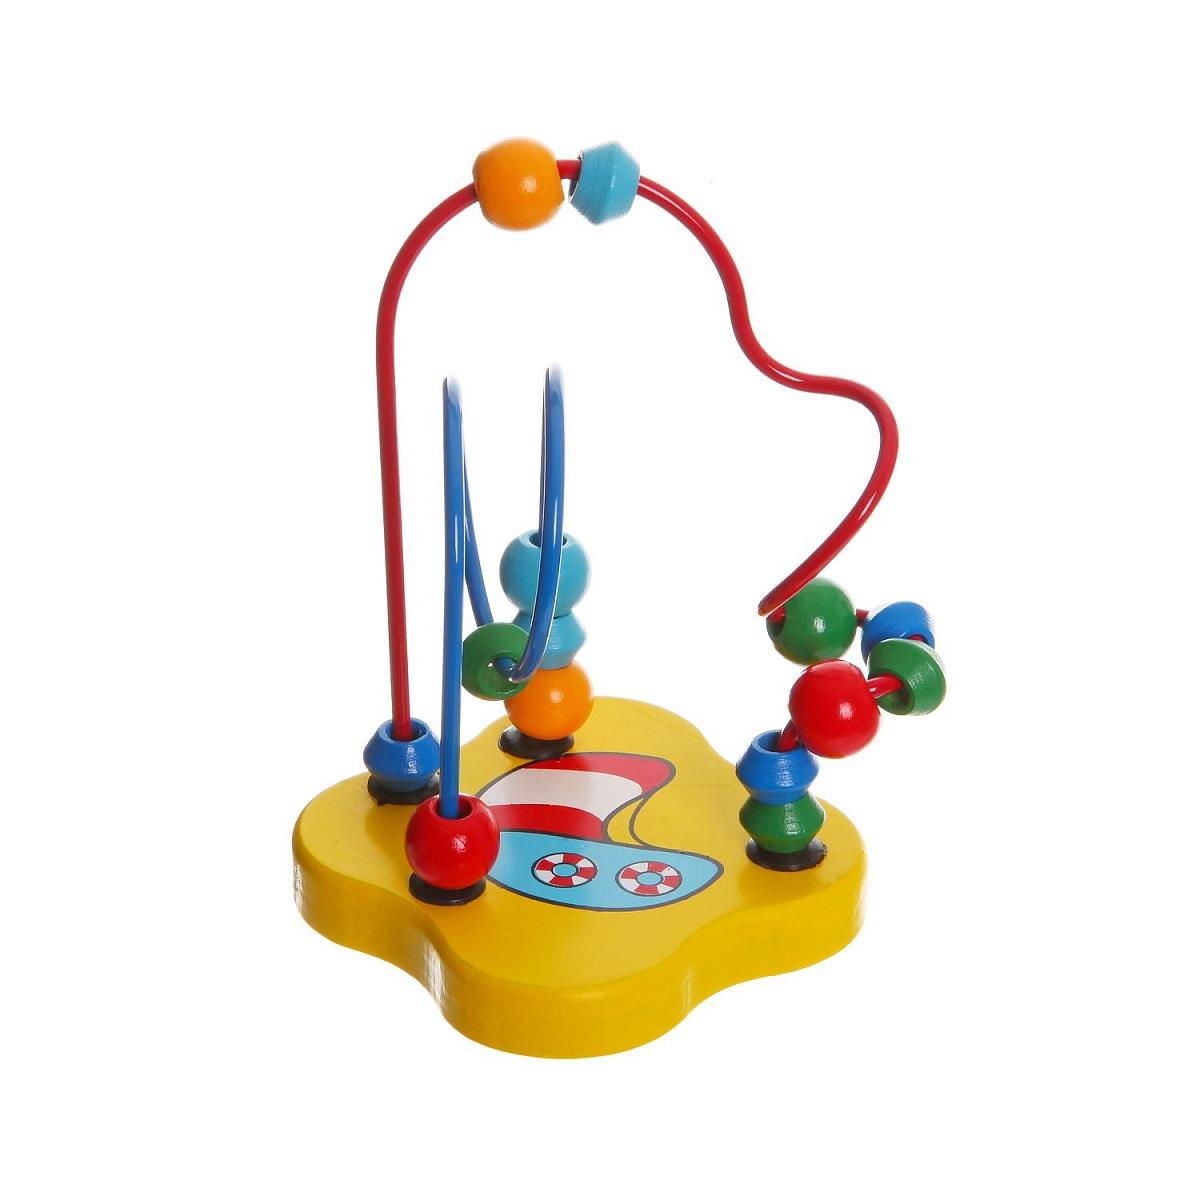 Развивающая игрушка Bondibon Разноцветный лабиринт конструкторы игрушки из дерева астон мартин